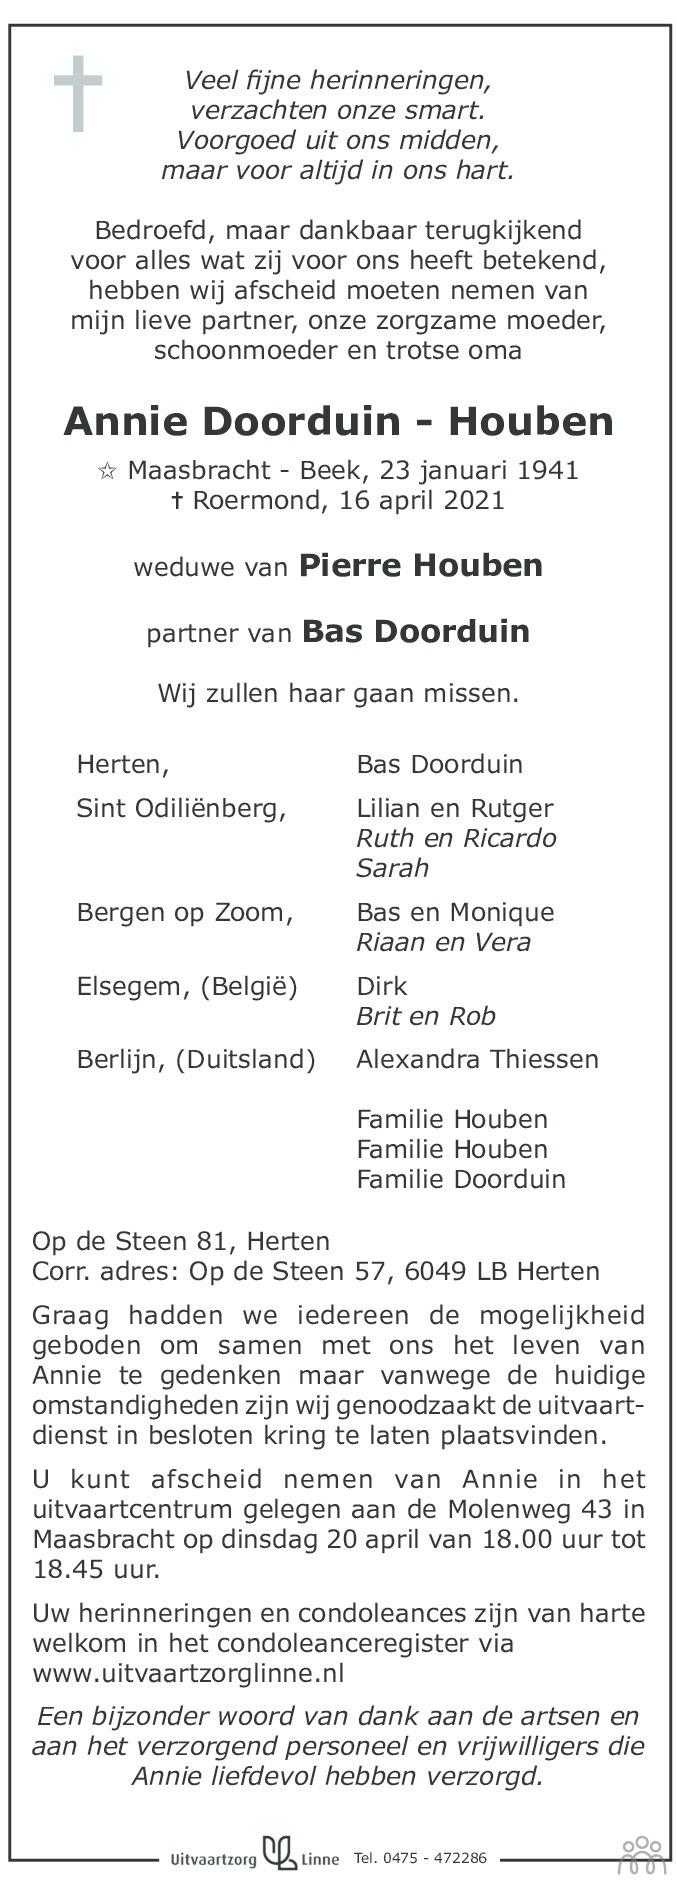 Overlijdensbericht van Annie Doorduin-Houben in De Limburger